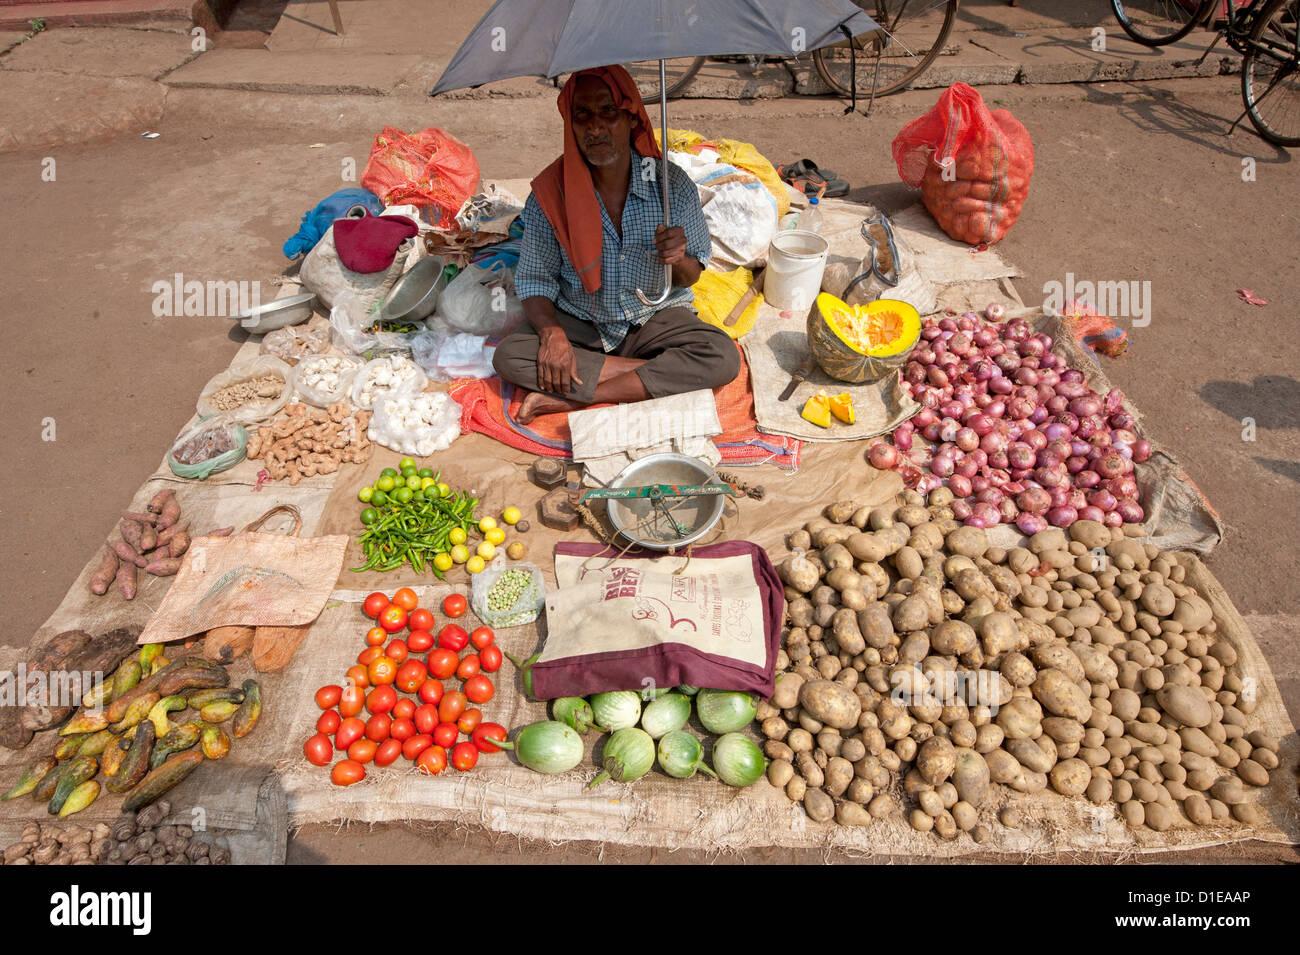 Vendeur de légumes Village, district de Bhubaneshwar, Orissa, Inde, Asie Banque D'Images